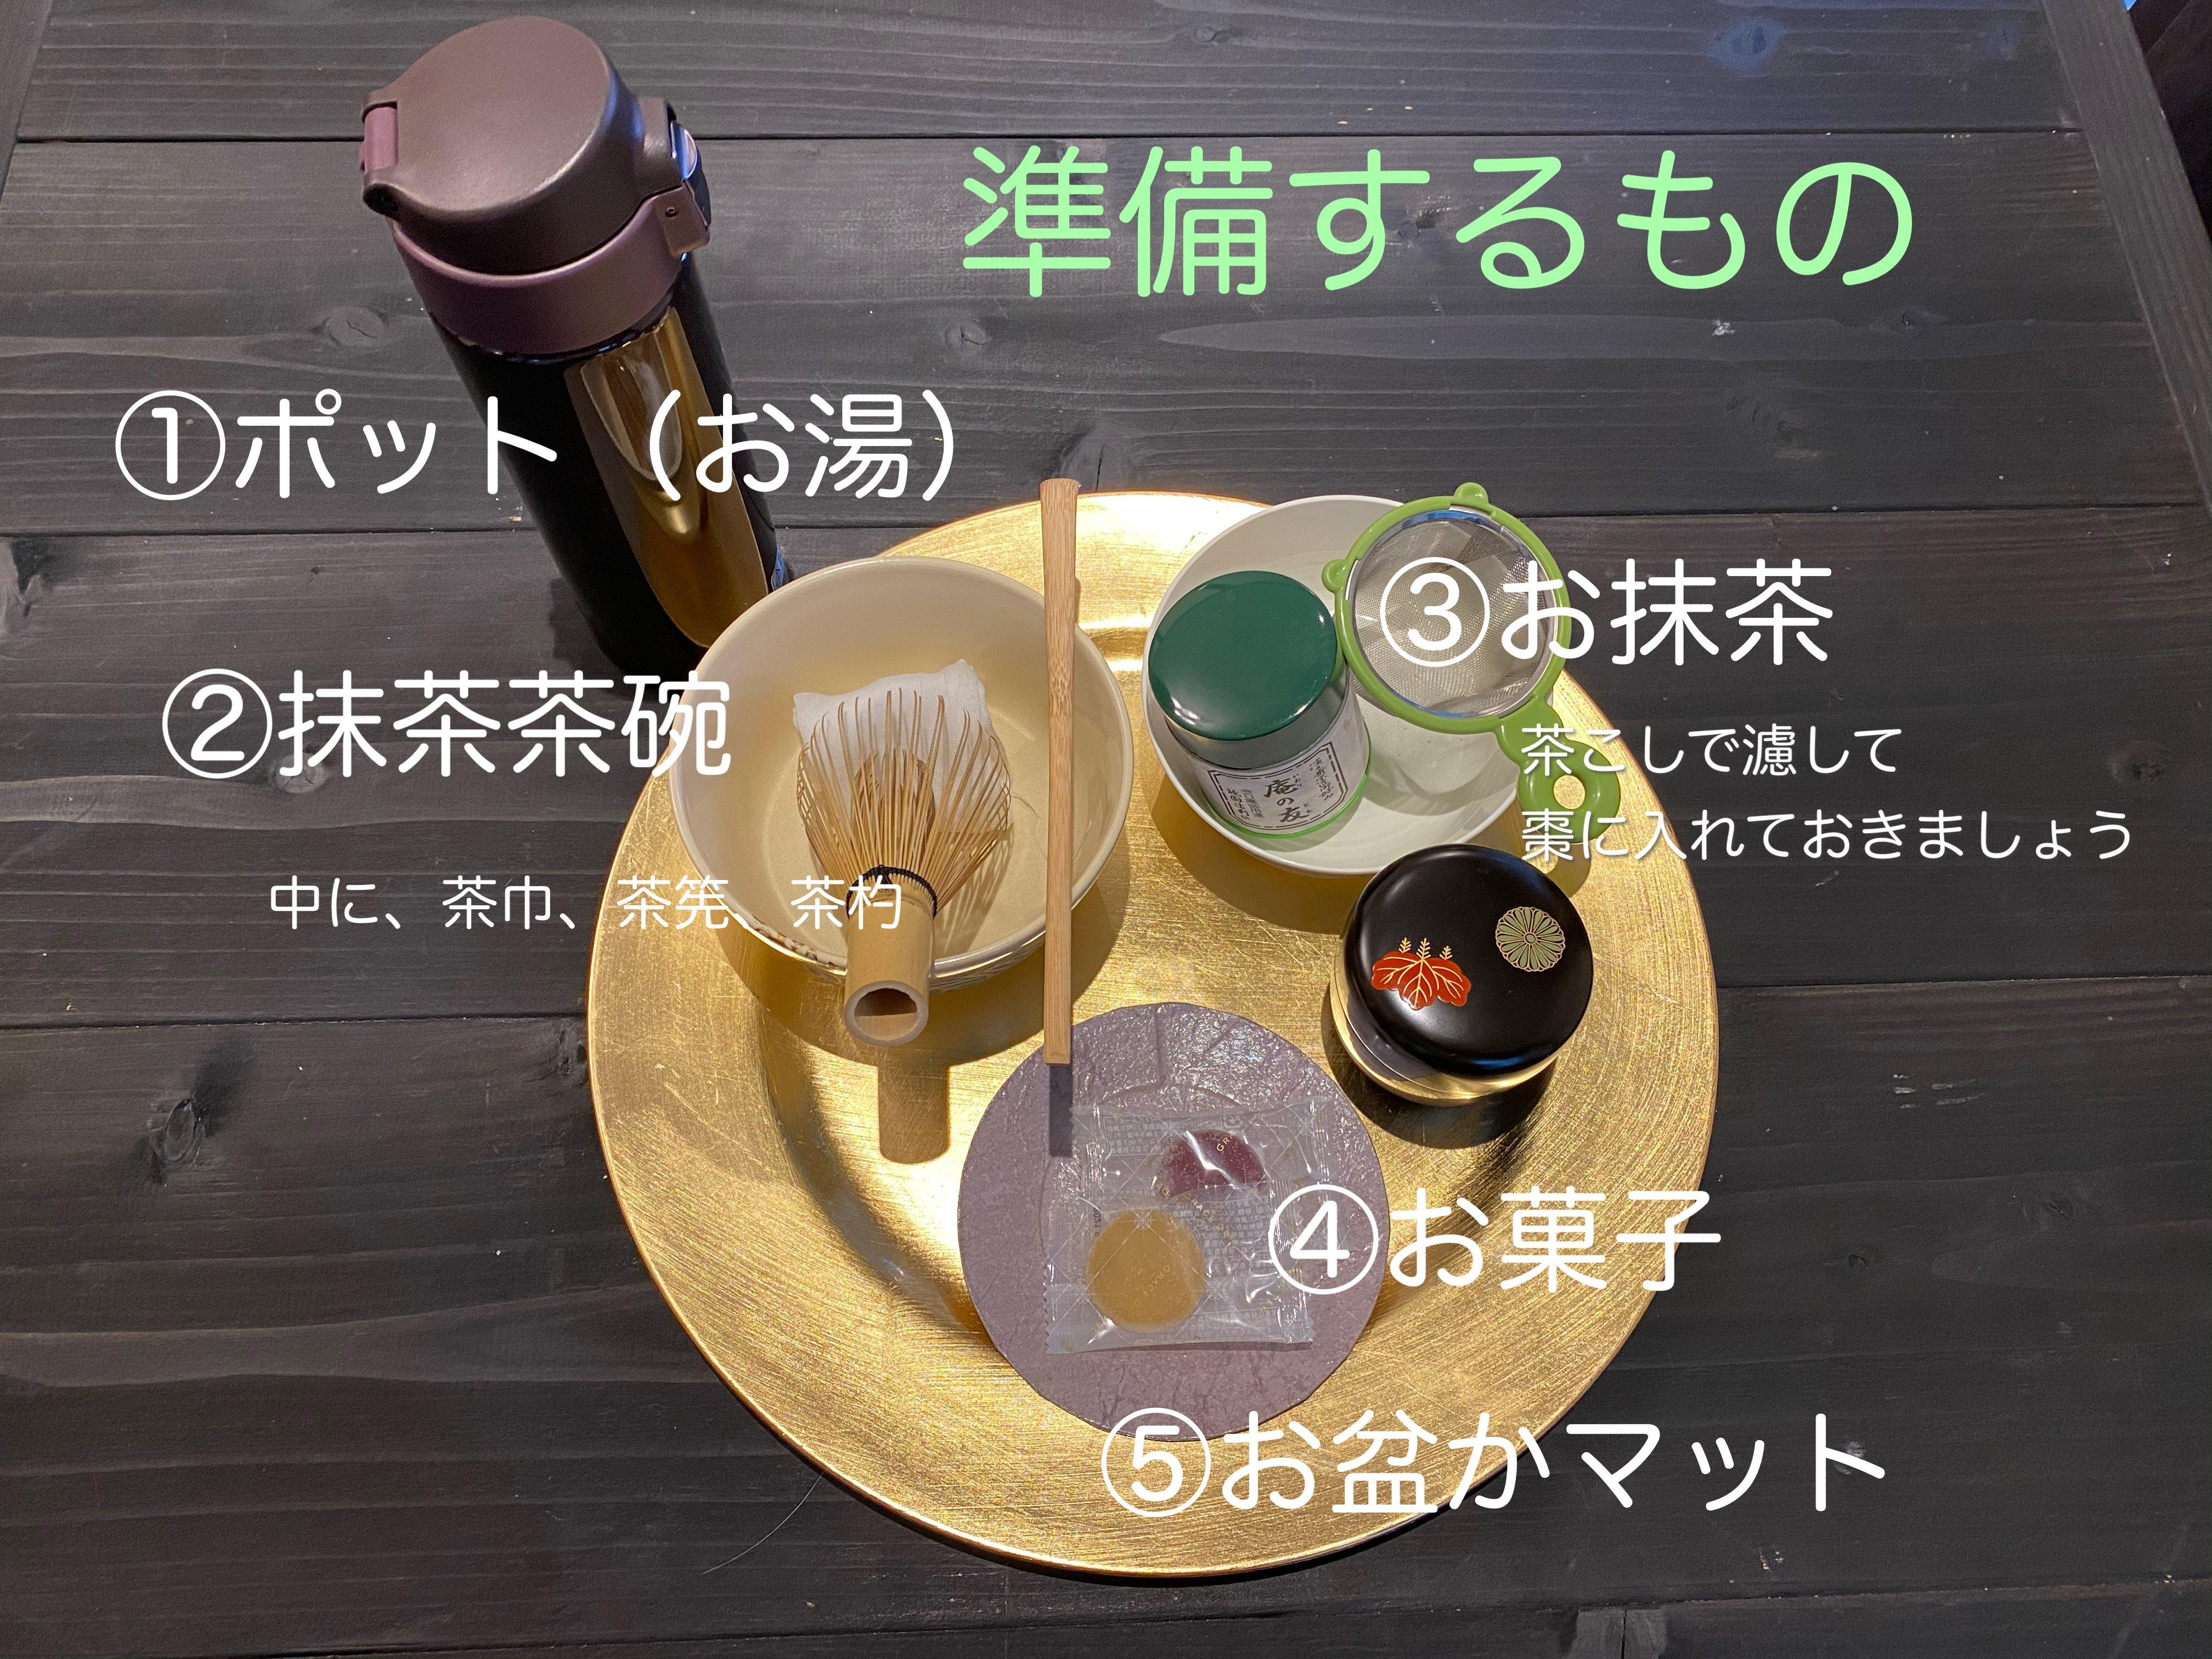 【オンライン・テーブルスタイル茶道】継続レッスンのイメージその5